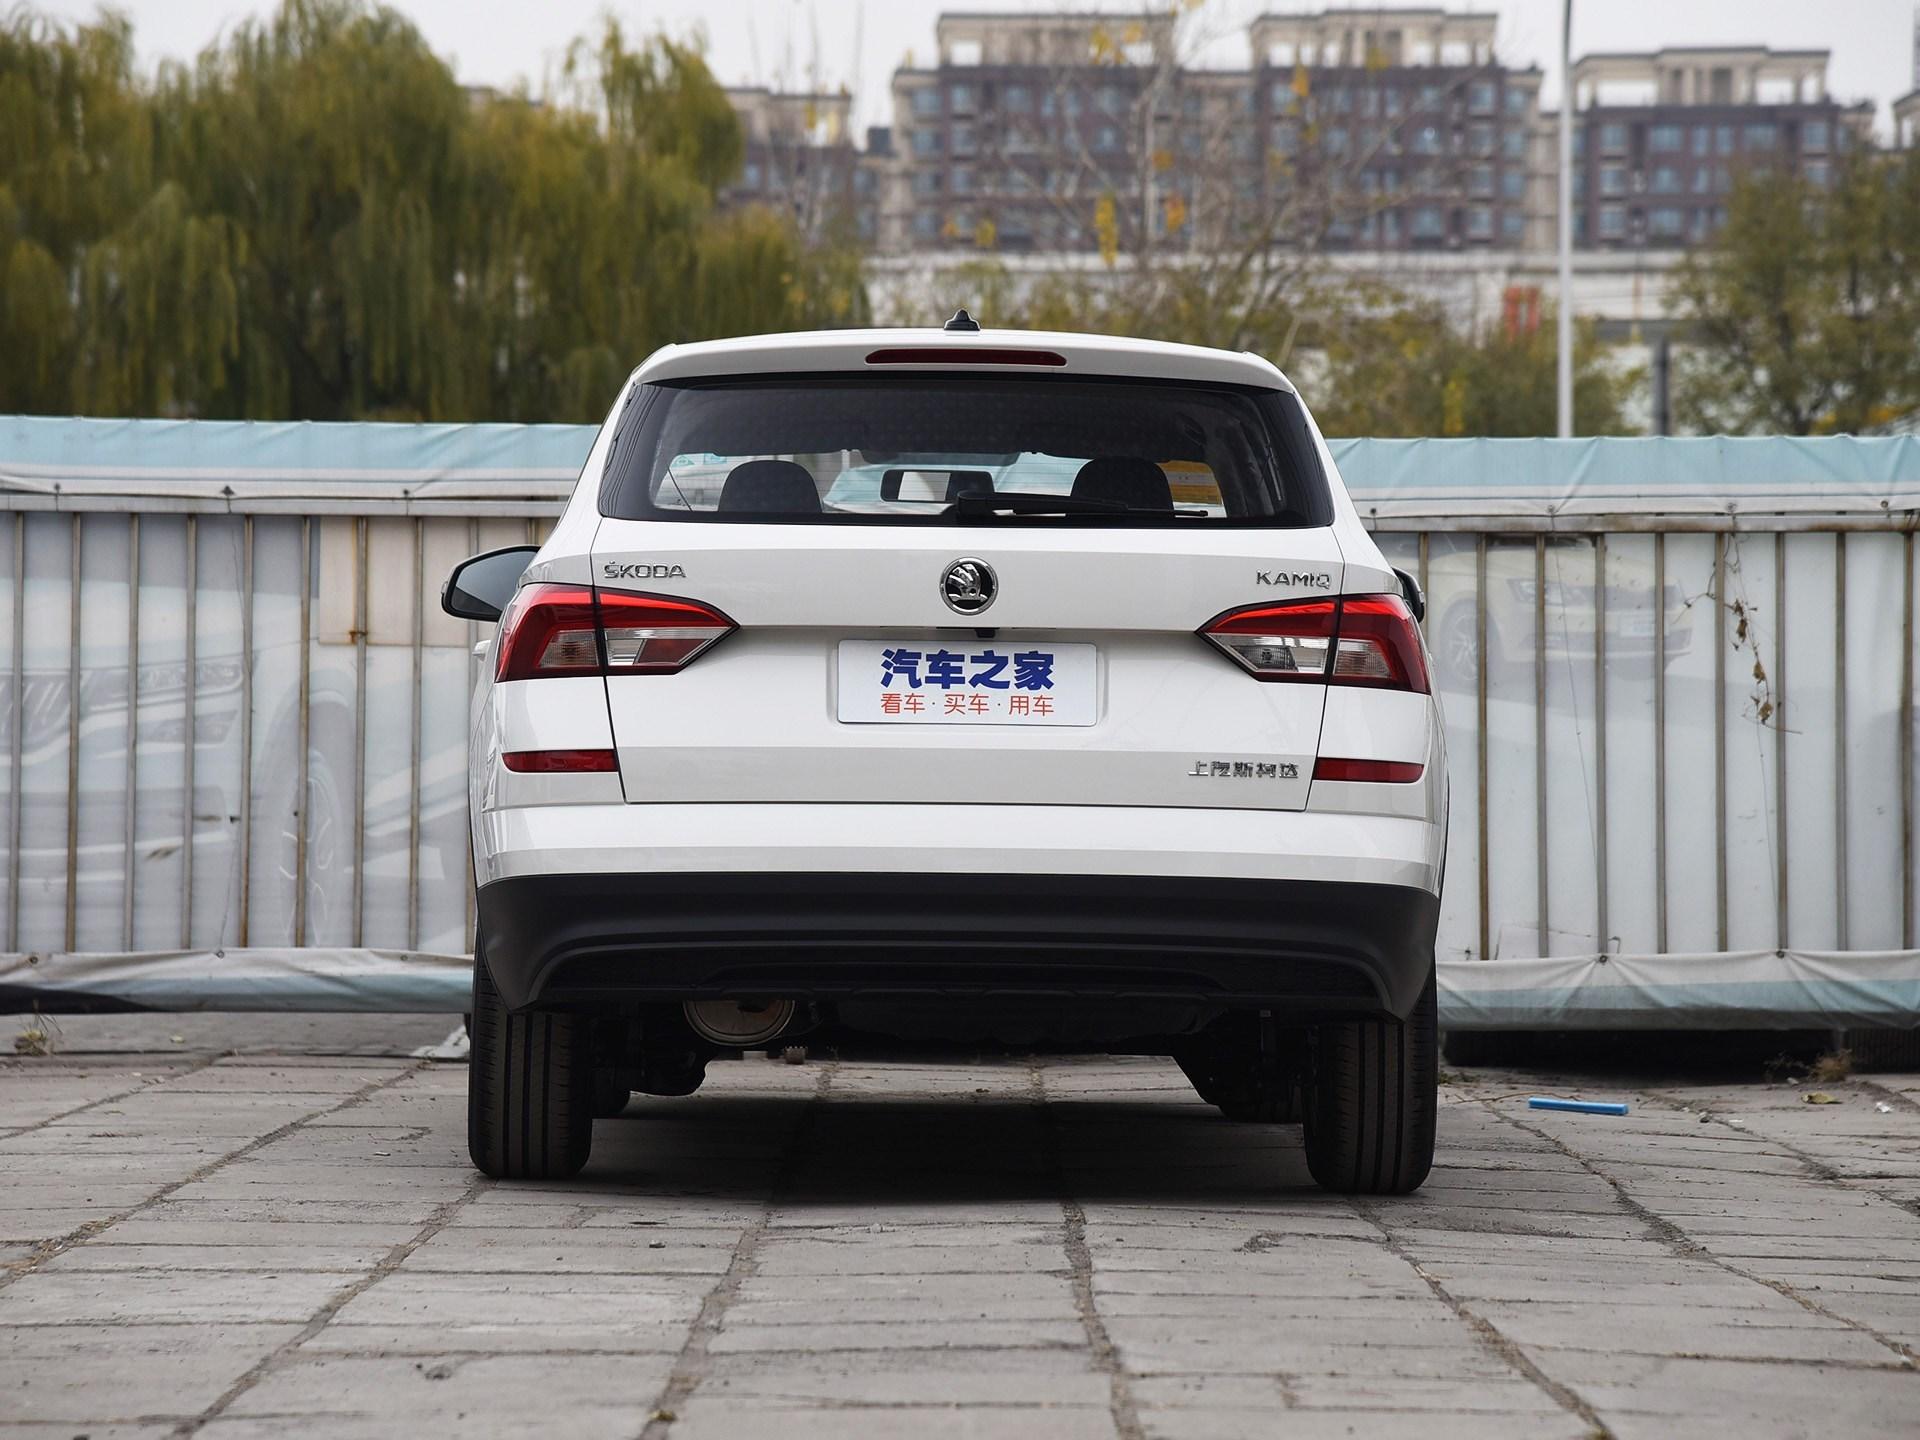 低调有内涵的小型SUV,斯柯达柯米克贷款更划算